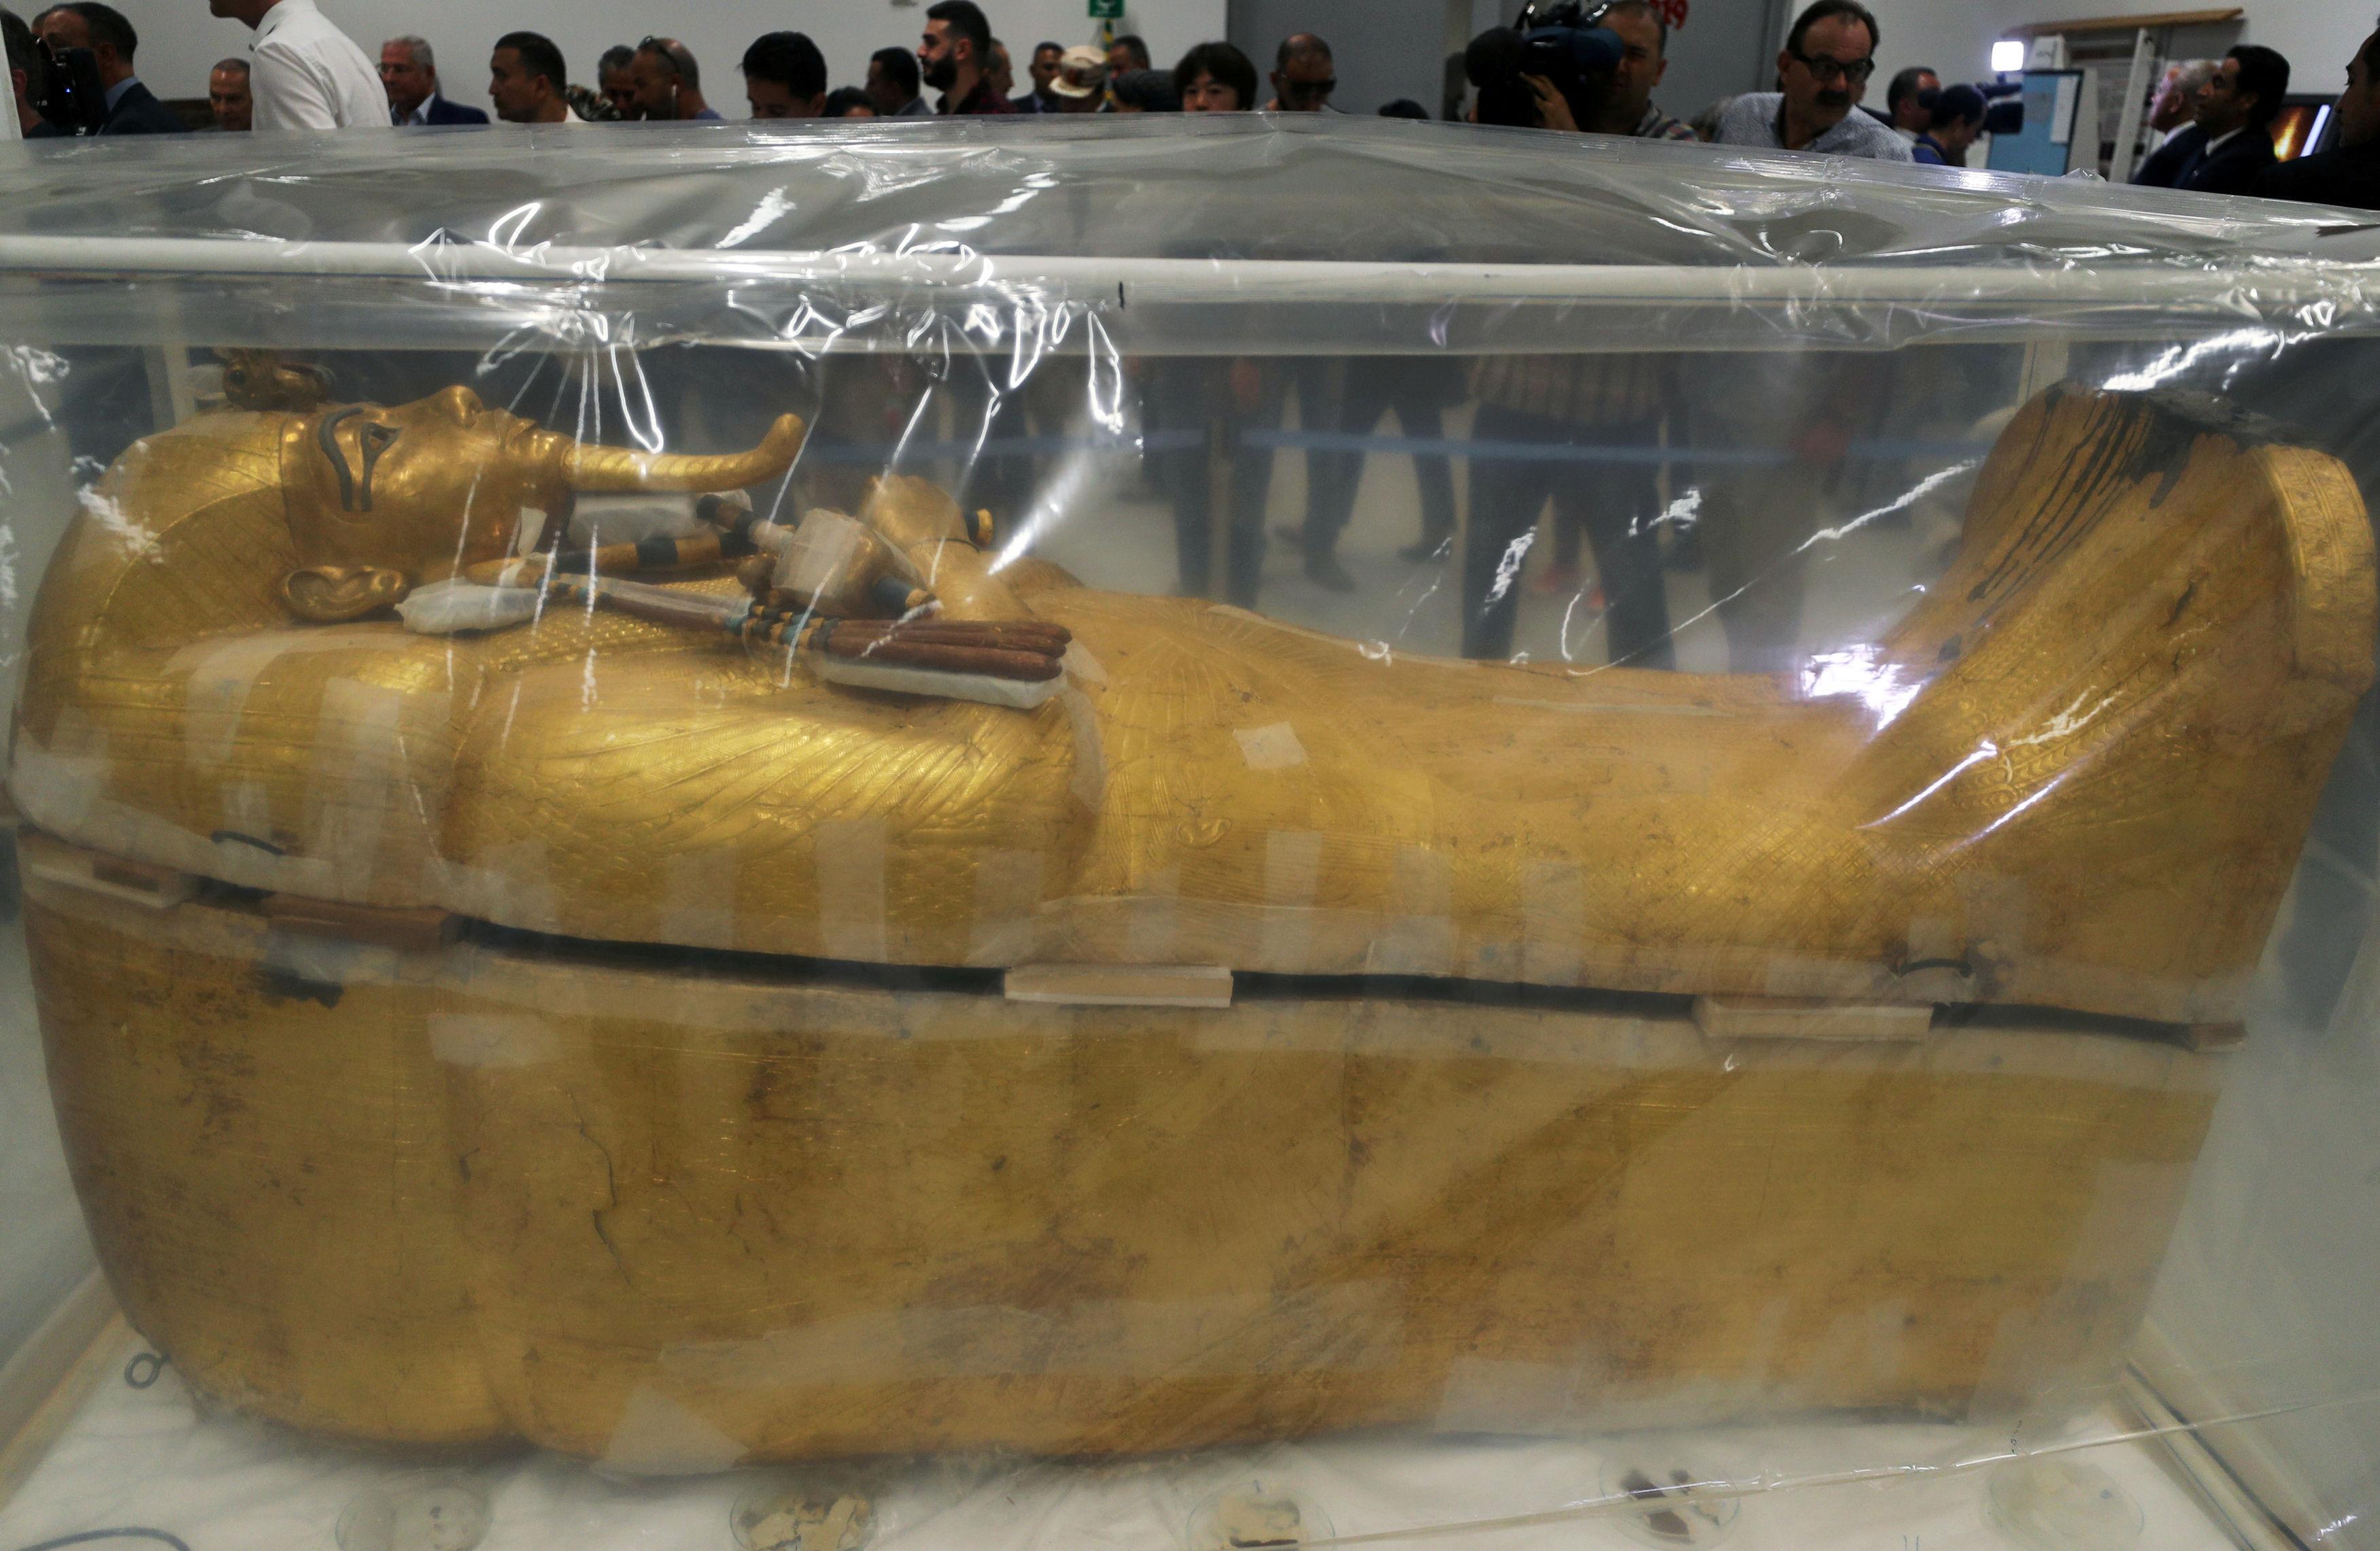 aigyptos-paroysiasthike-i-ypo-apokatastasi-sarkofagos-toy-toytagchamon-fotografies0